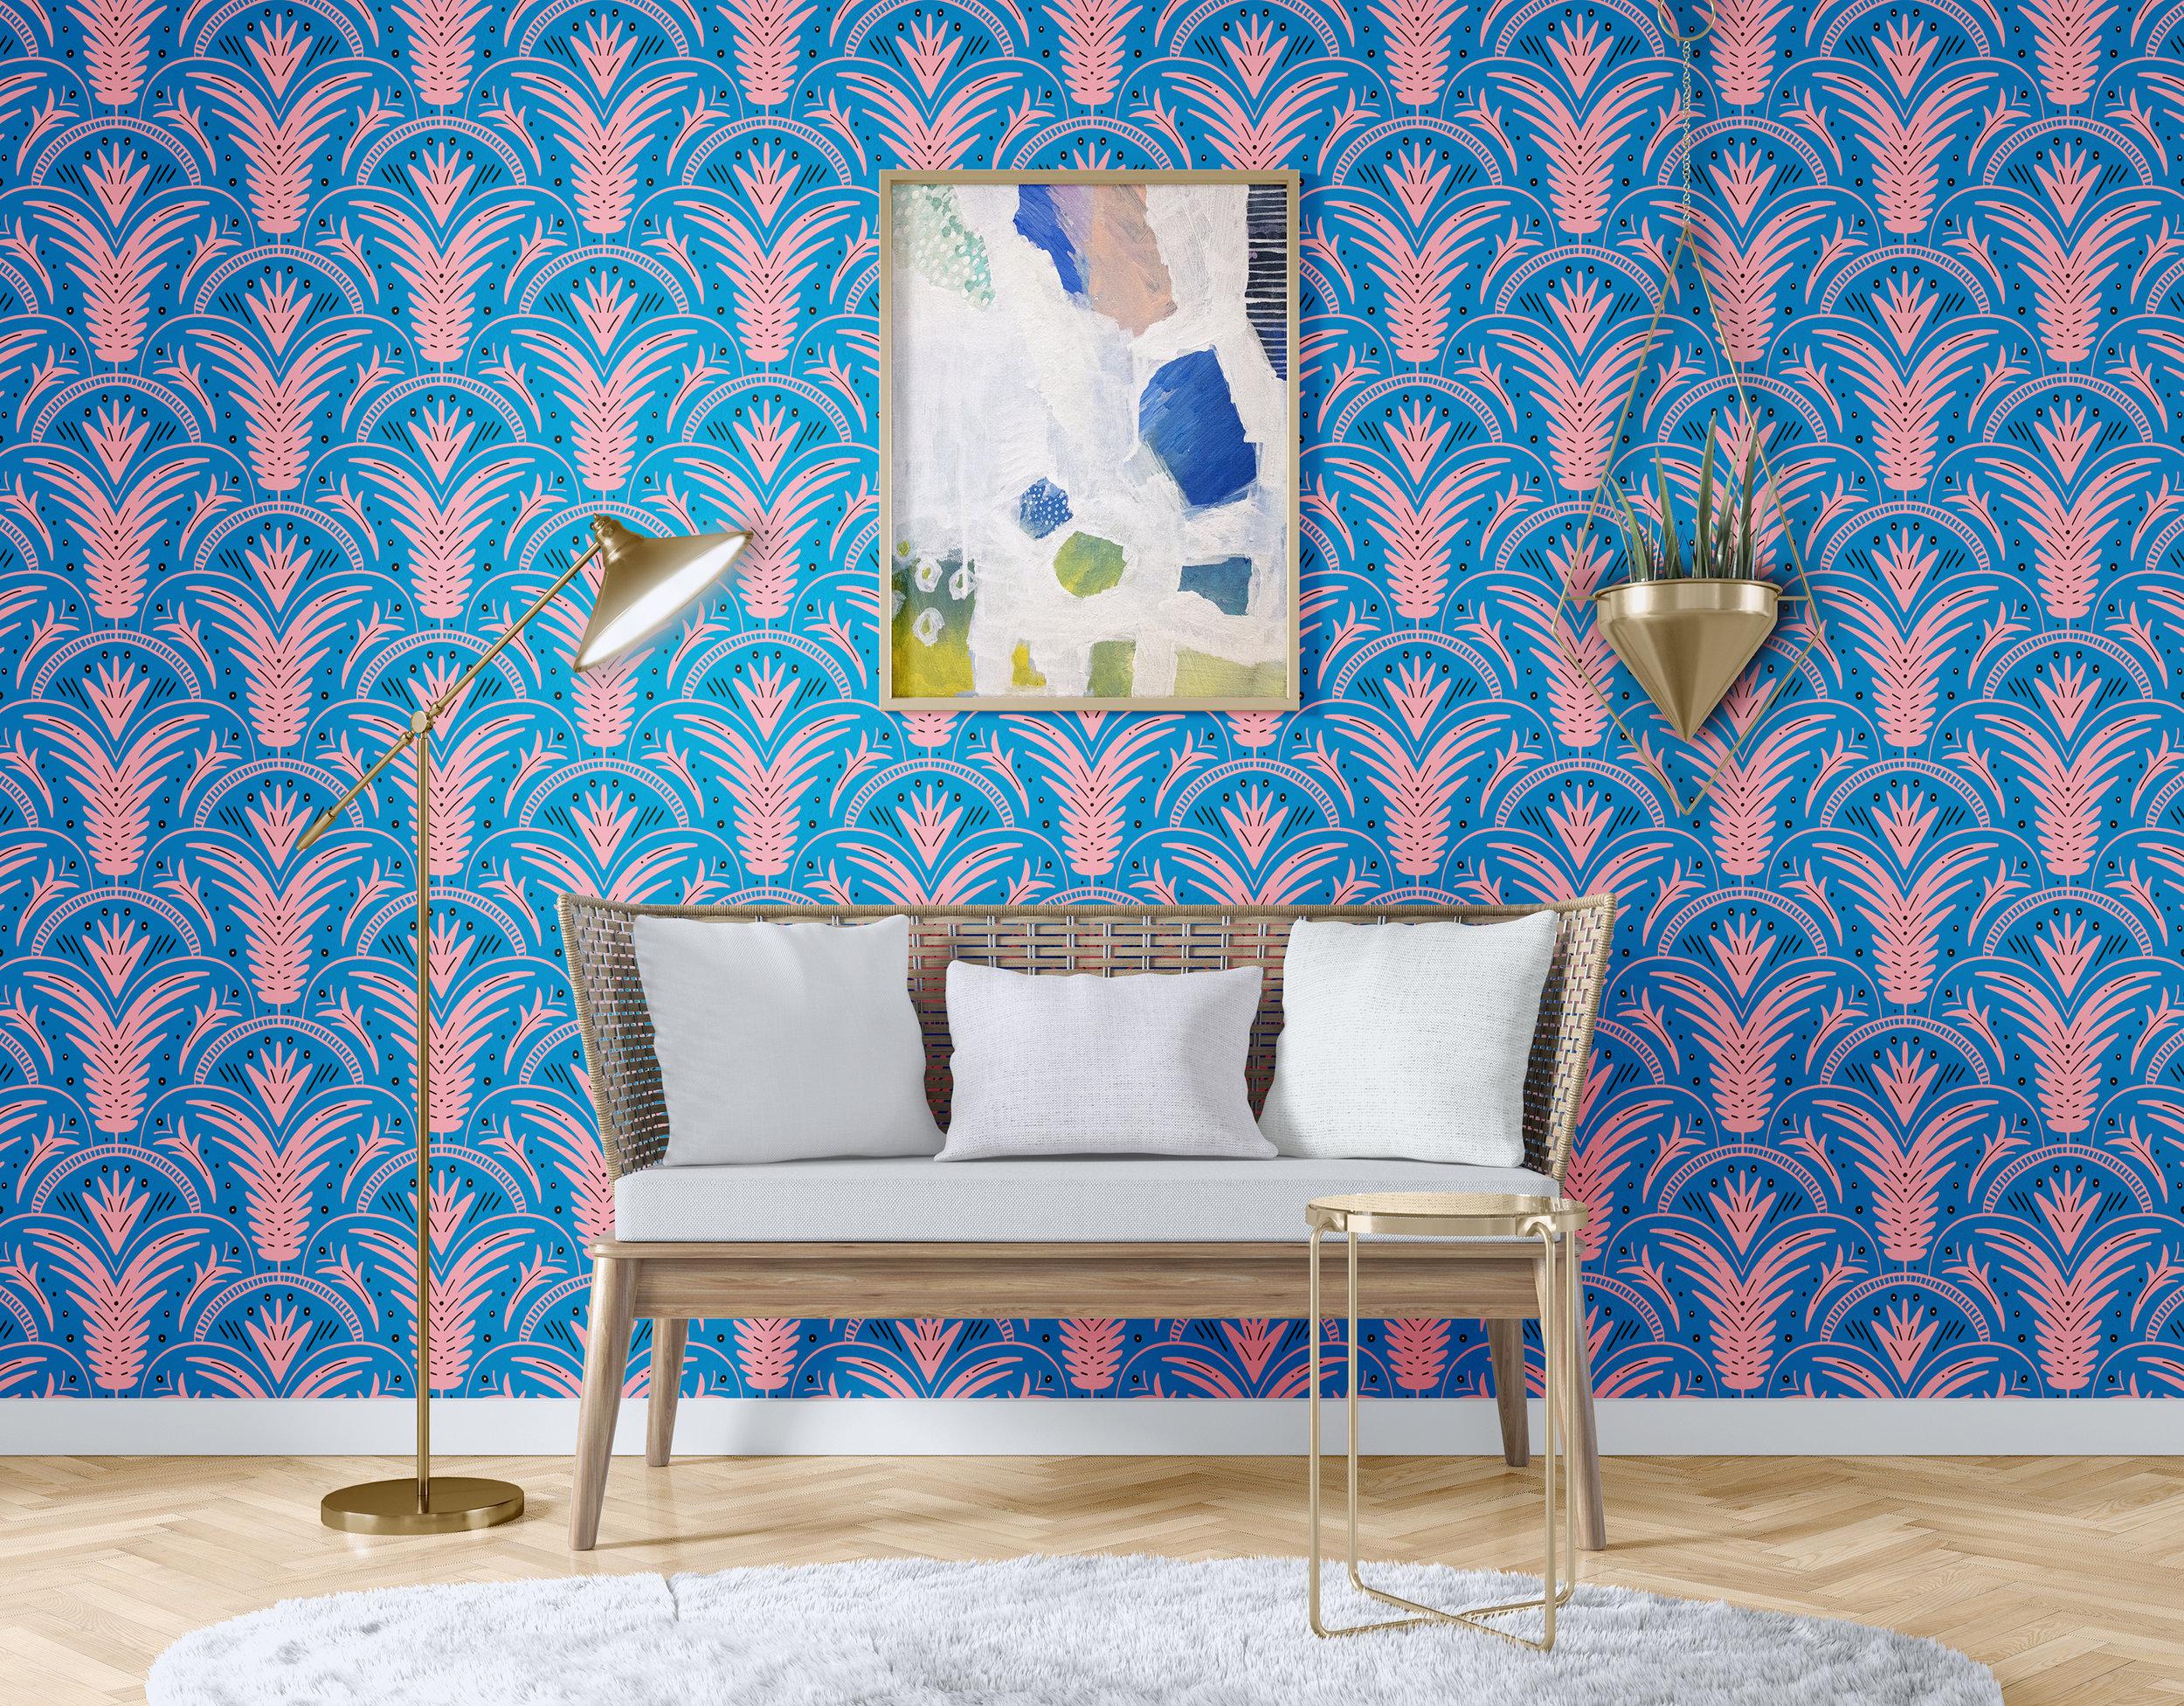 jungle-damask-bluepink-roomLT.jpg